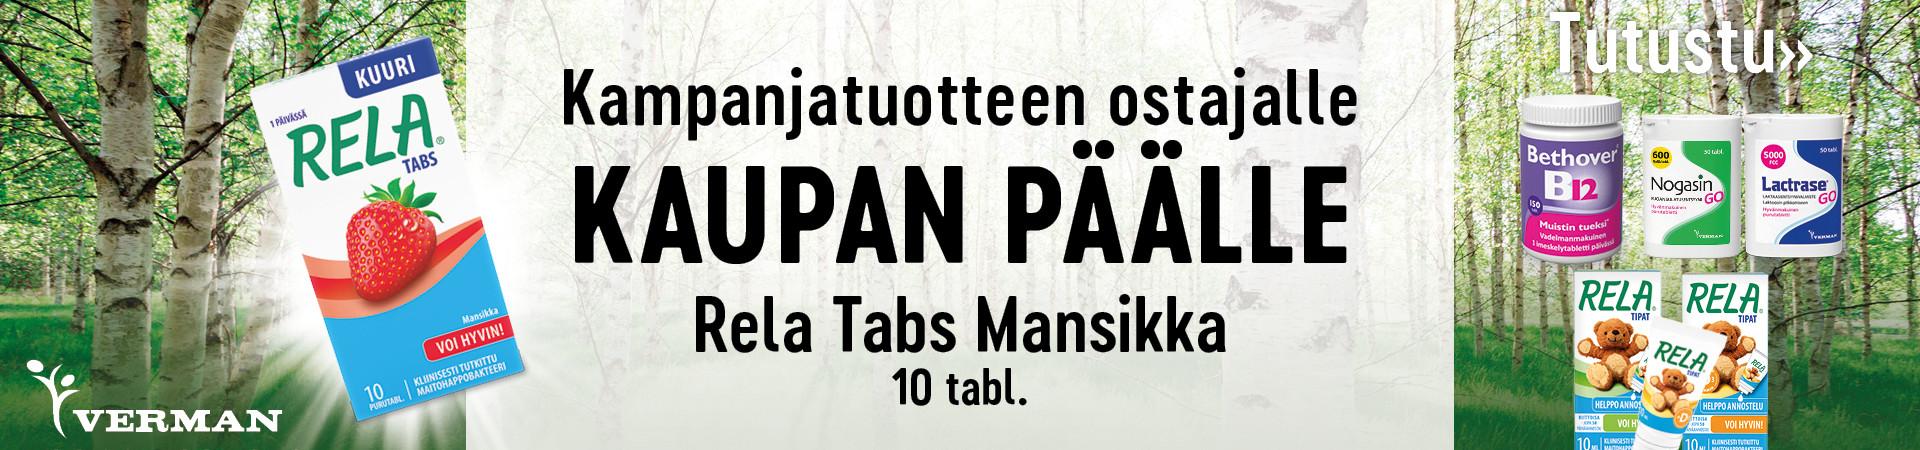 Kampanjatuotteen ostajalle 10 tabletin Rela Tabs kaupan päälle